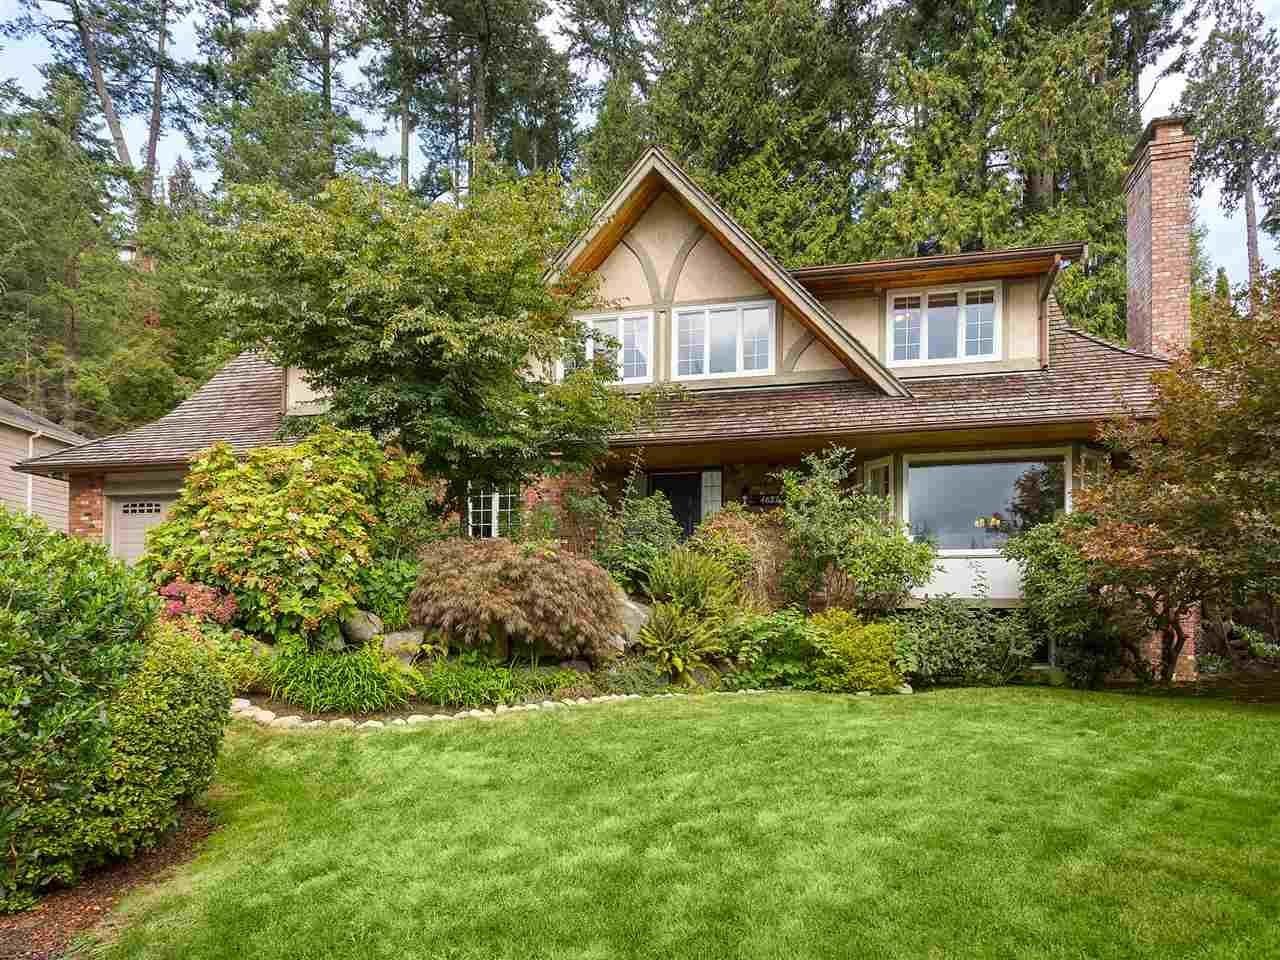 R2122862 - 4627 CAULFEILD DRIVE, Caulfeild, West Vancouver, BC - House/Single Family